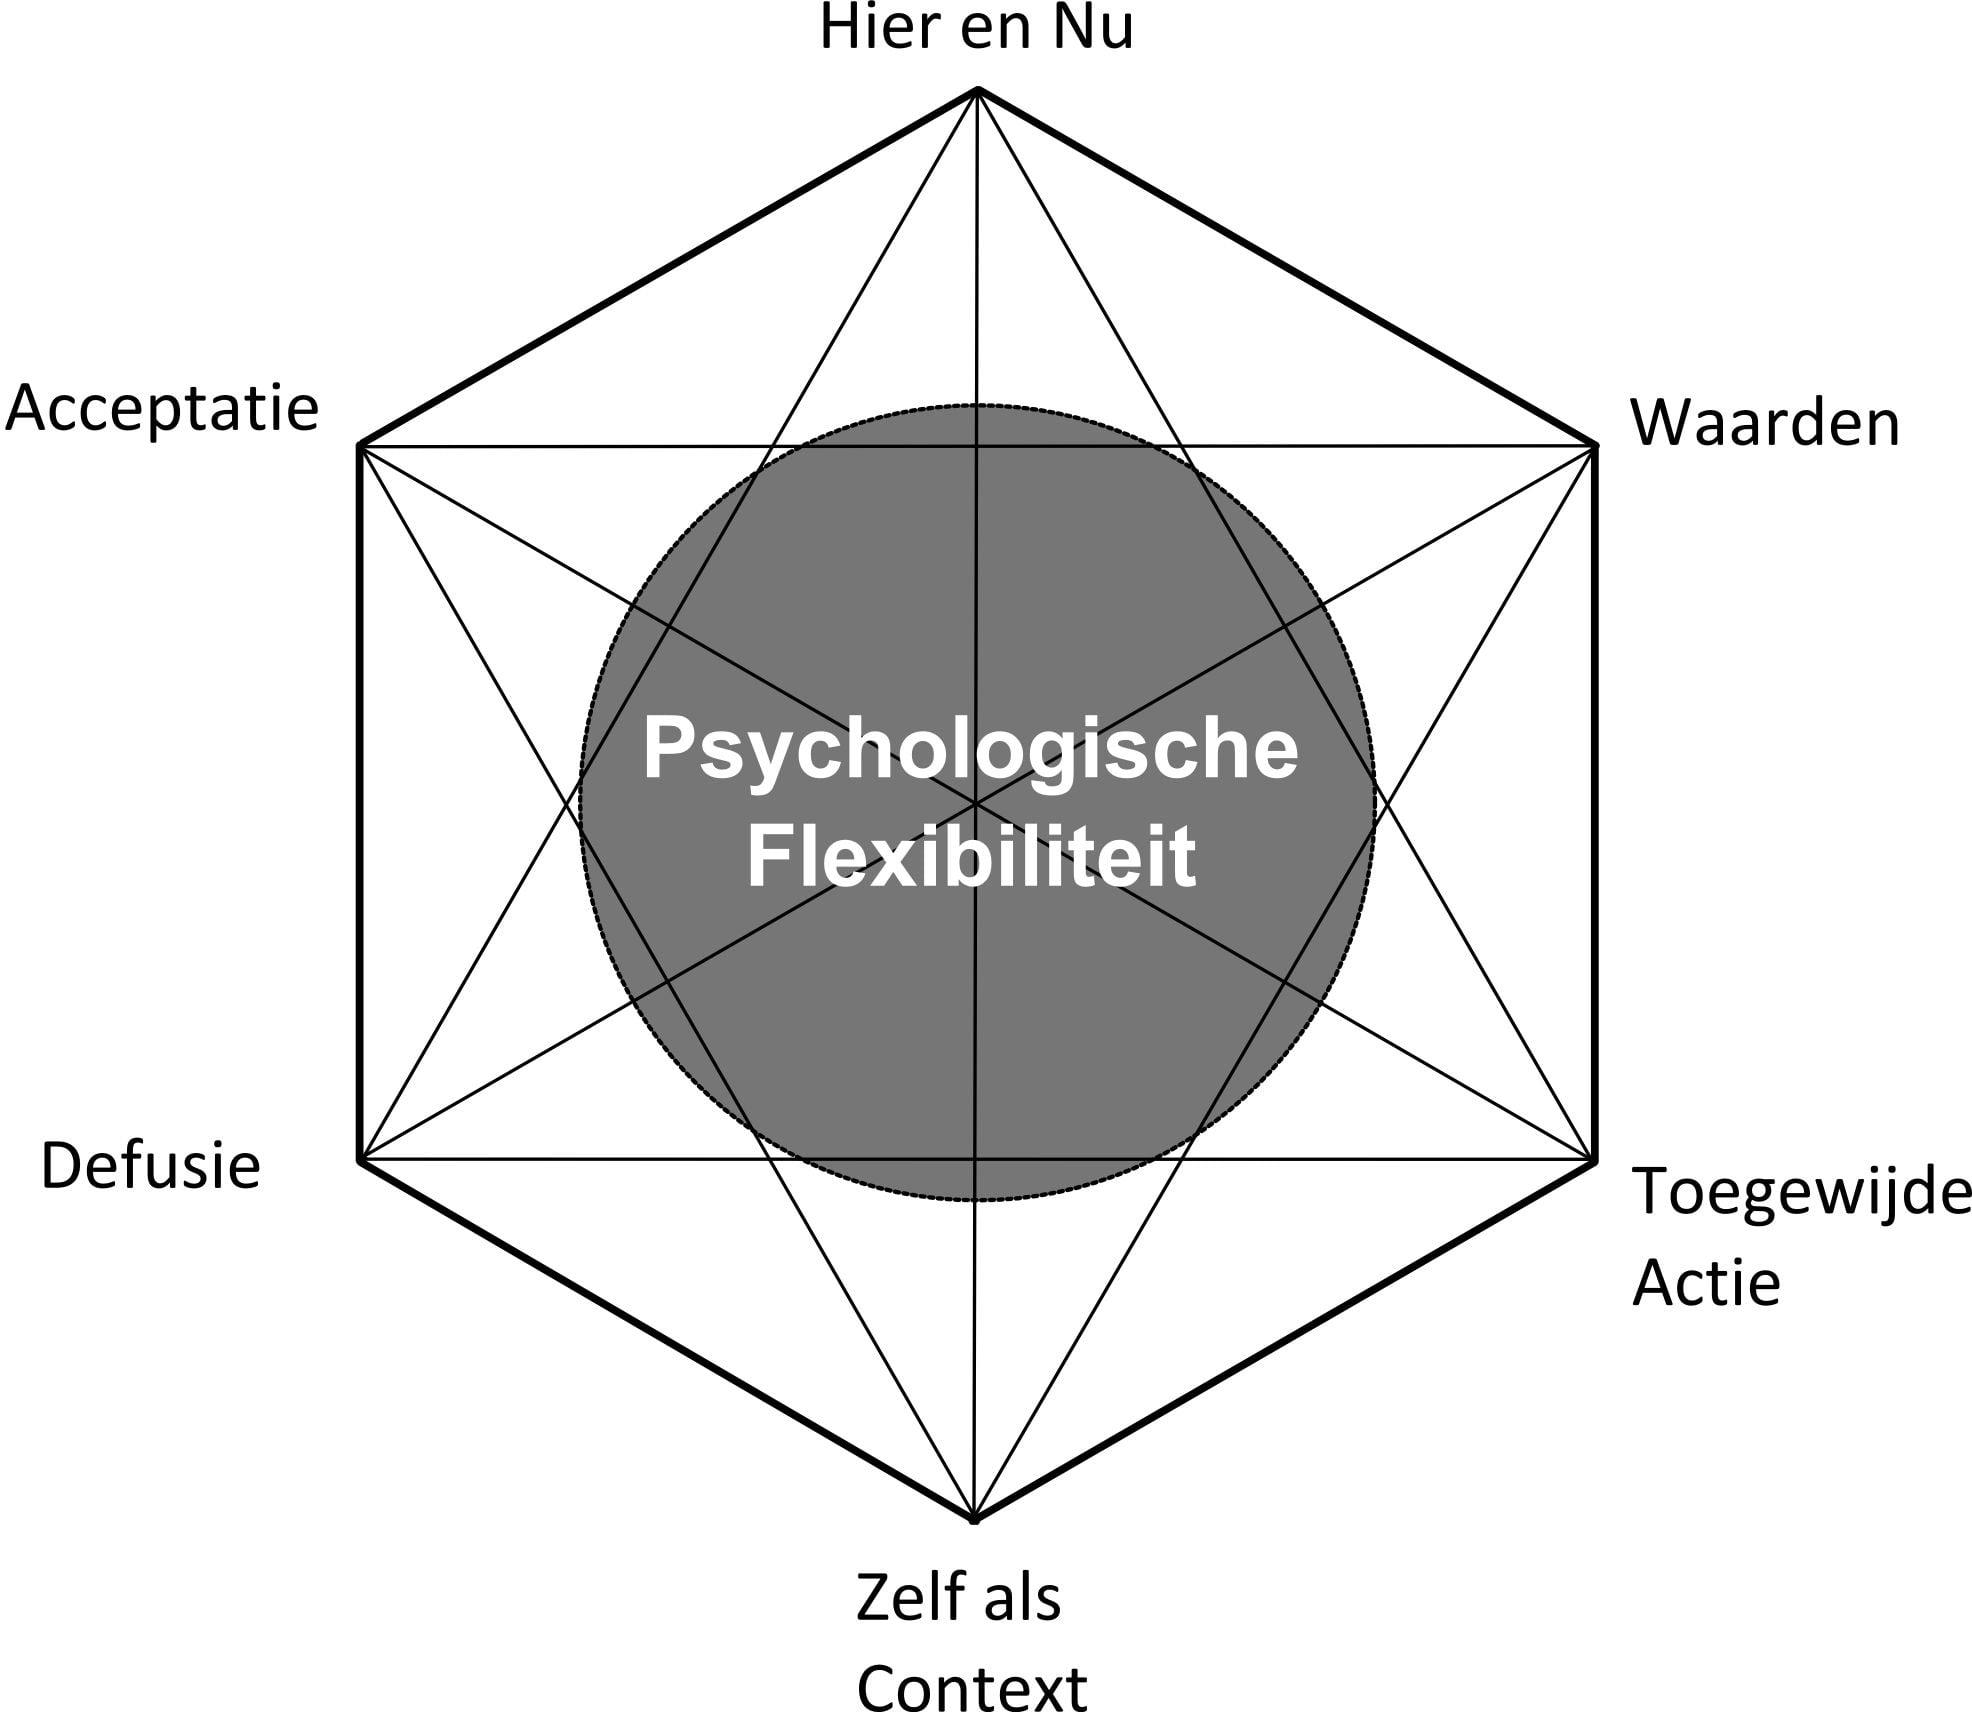 Afbeeldingsresultaat voor hexaflex act